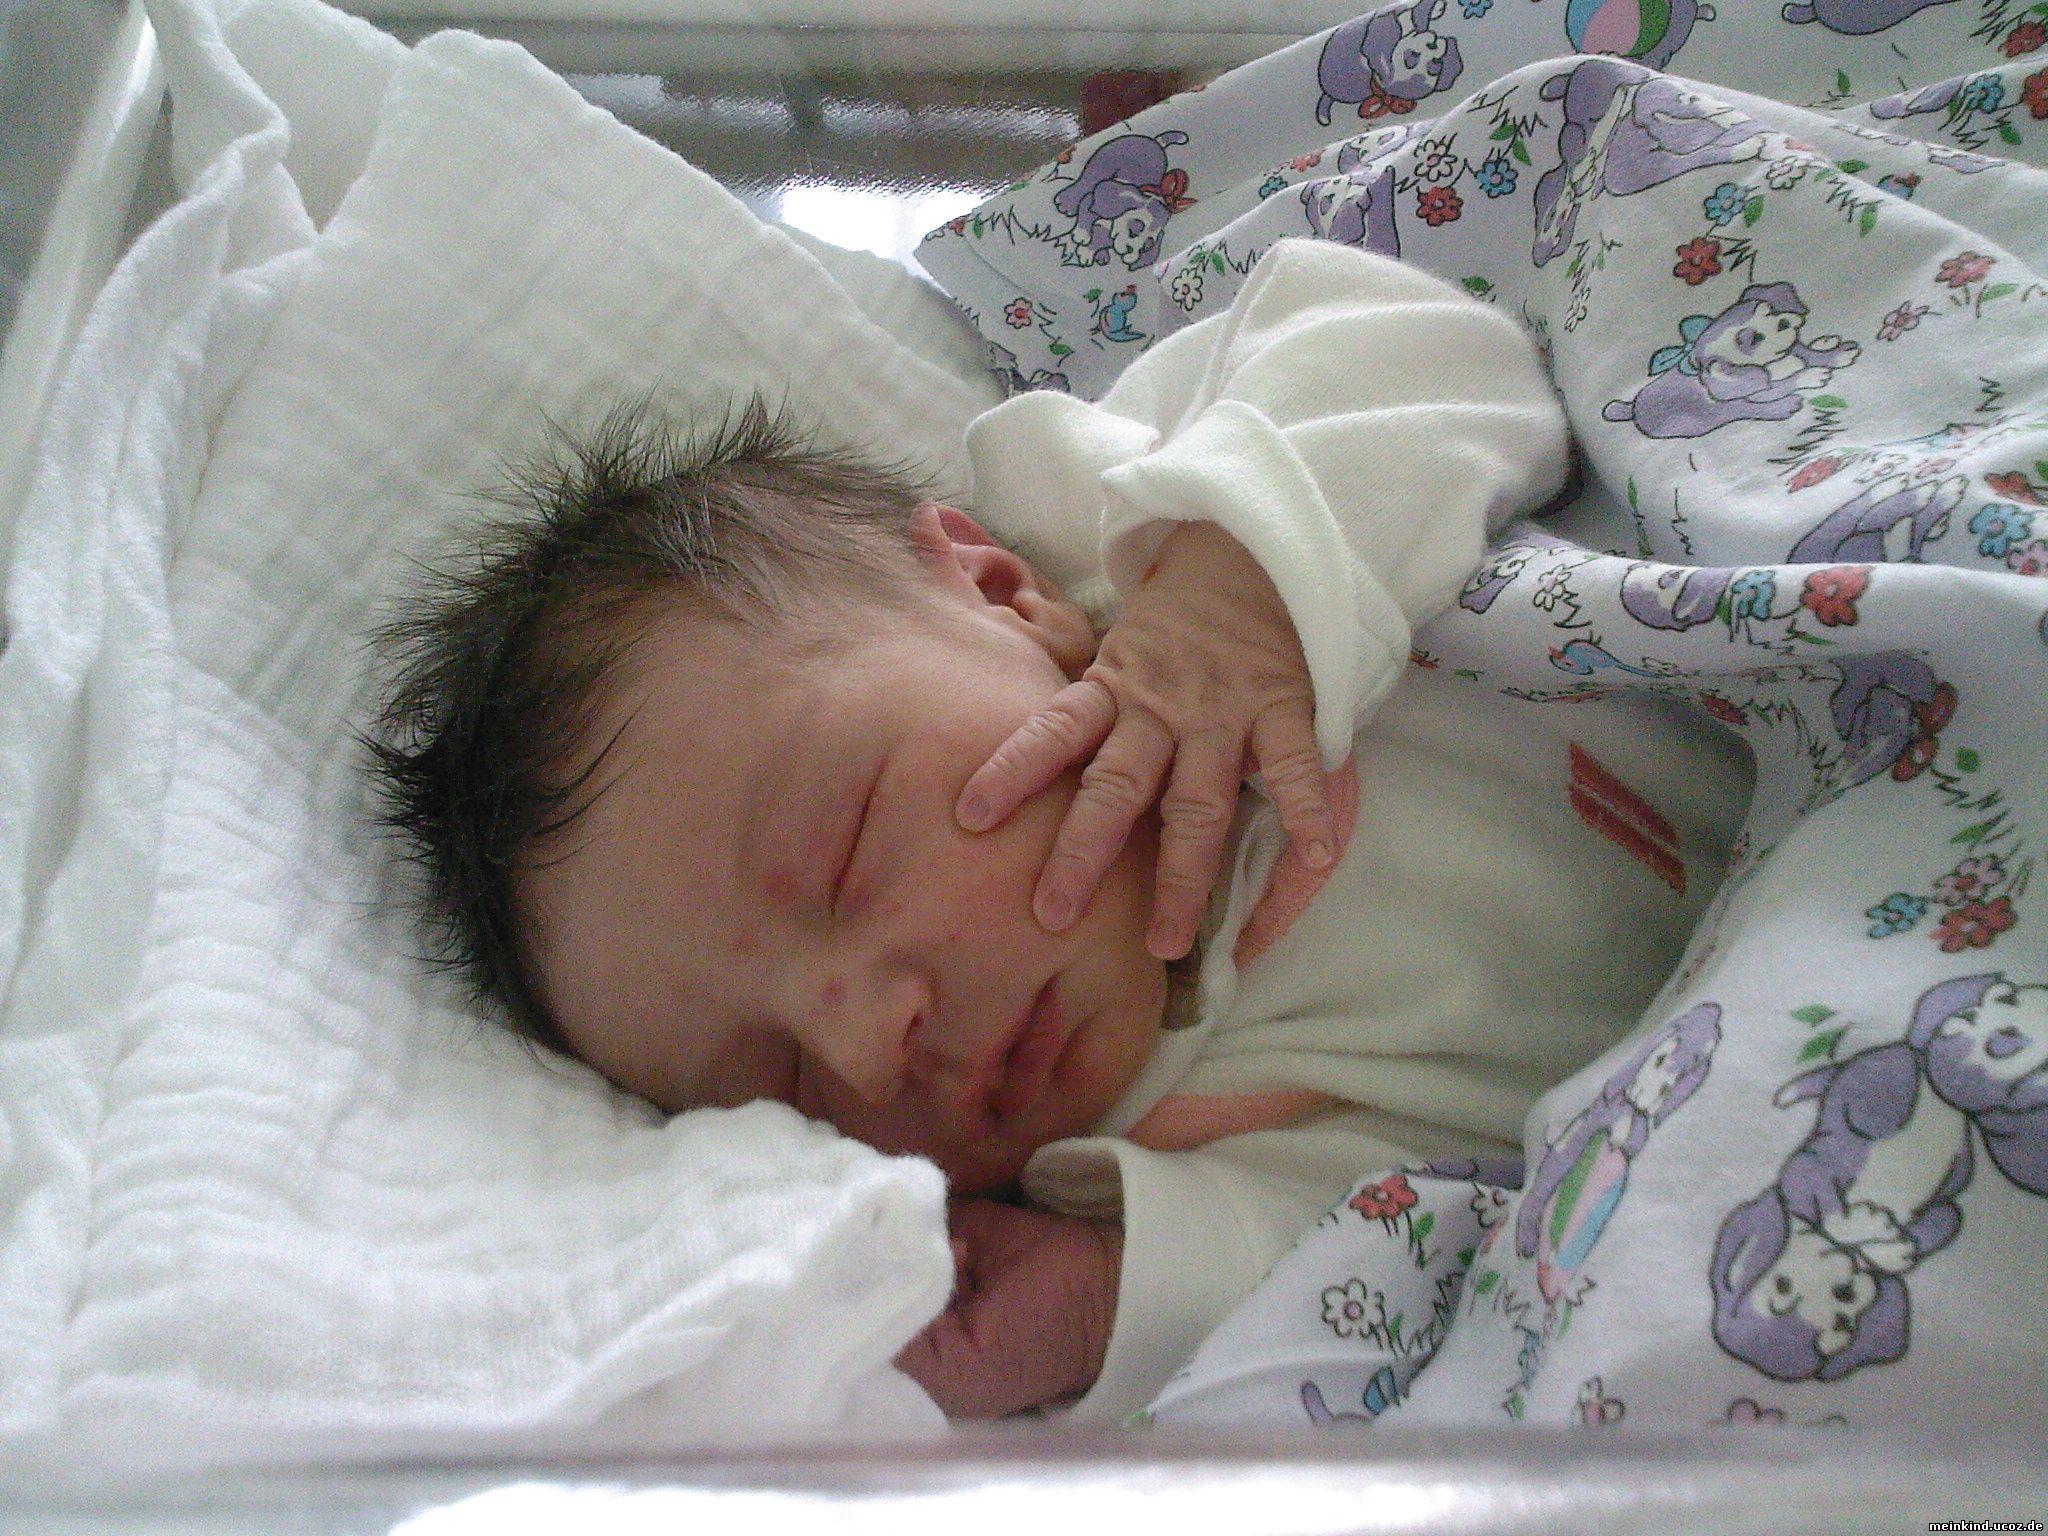 erste wochen baby ist da kinderwunsch geburt kind. Black Bedroom Furniture Sets. Home Design Ideas